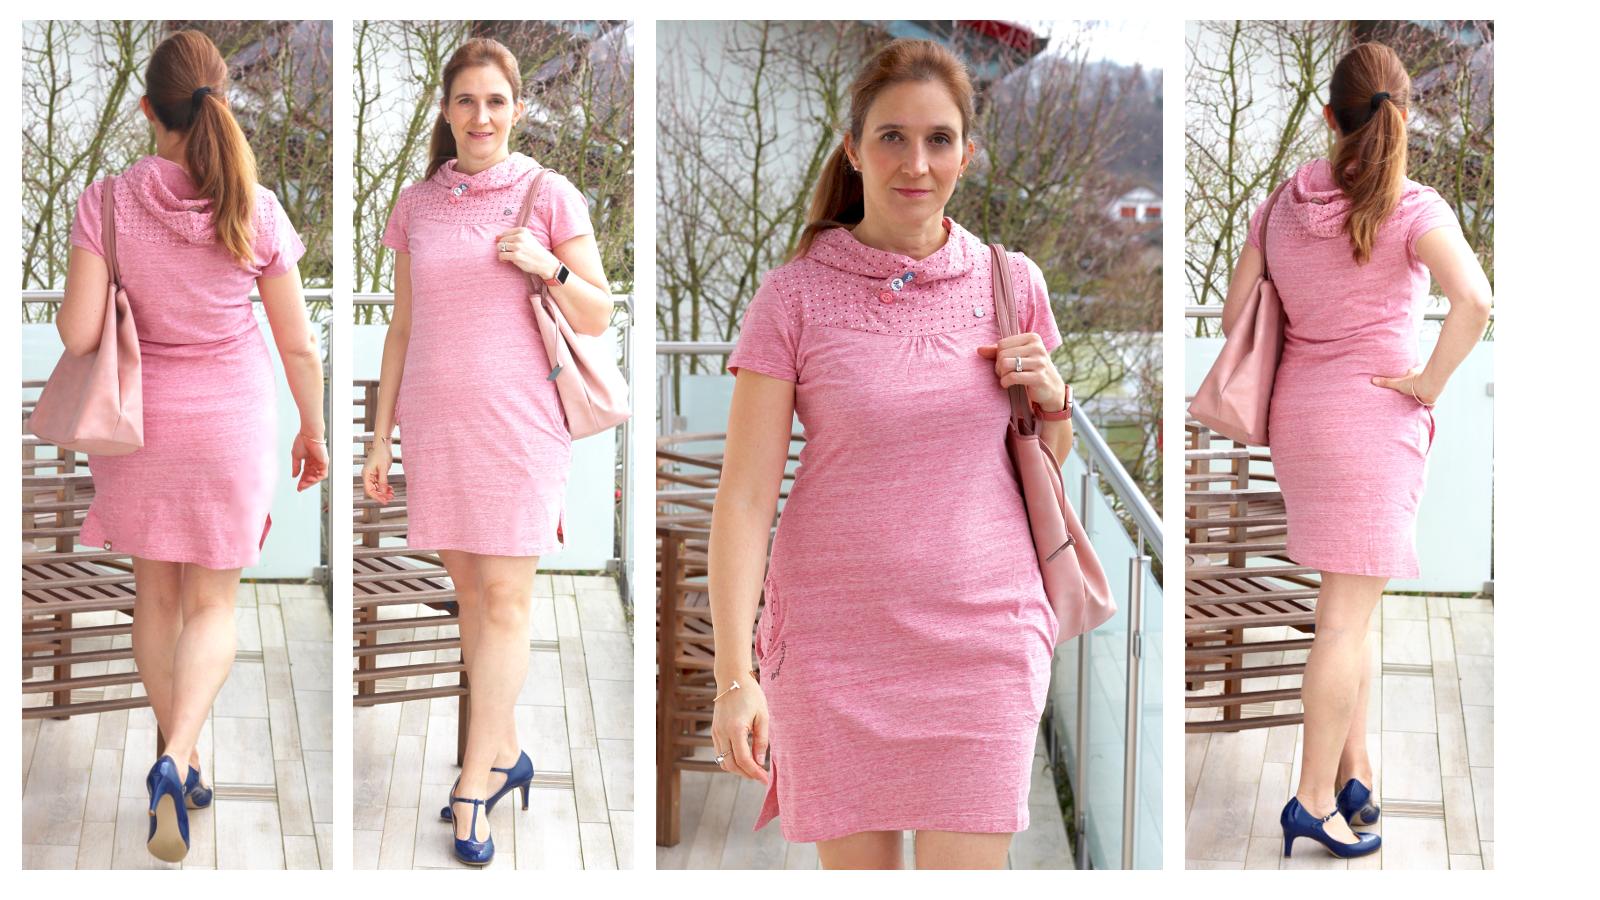 Yushkas Fashion Friday: Rosa Midi Kleid von Ragwear und blaue Lacksandaletten von Taupage